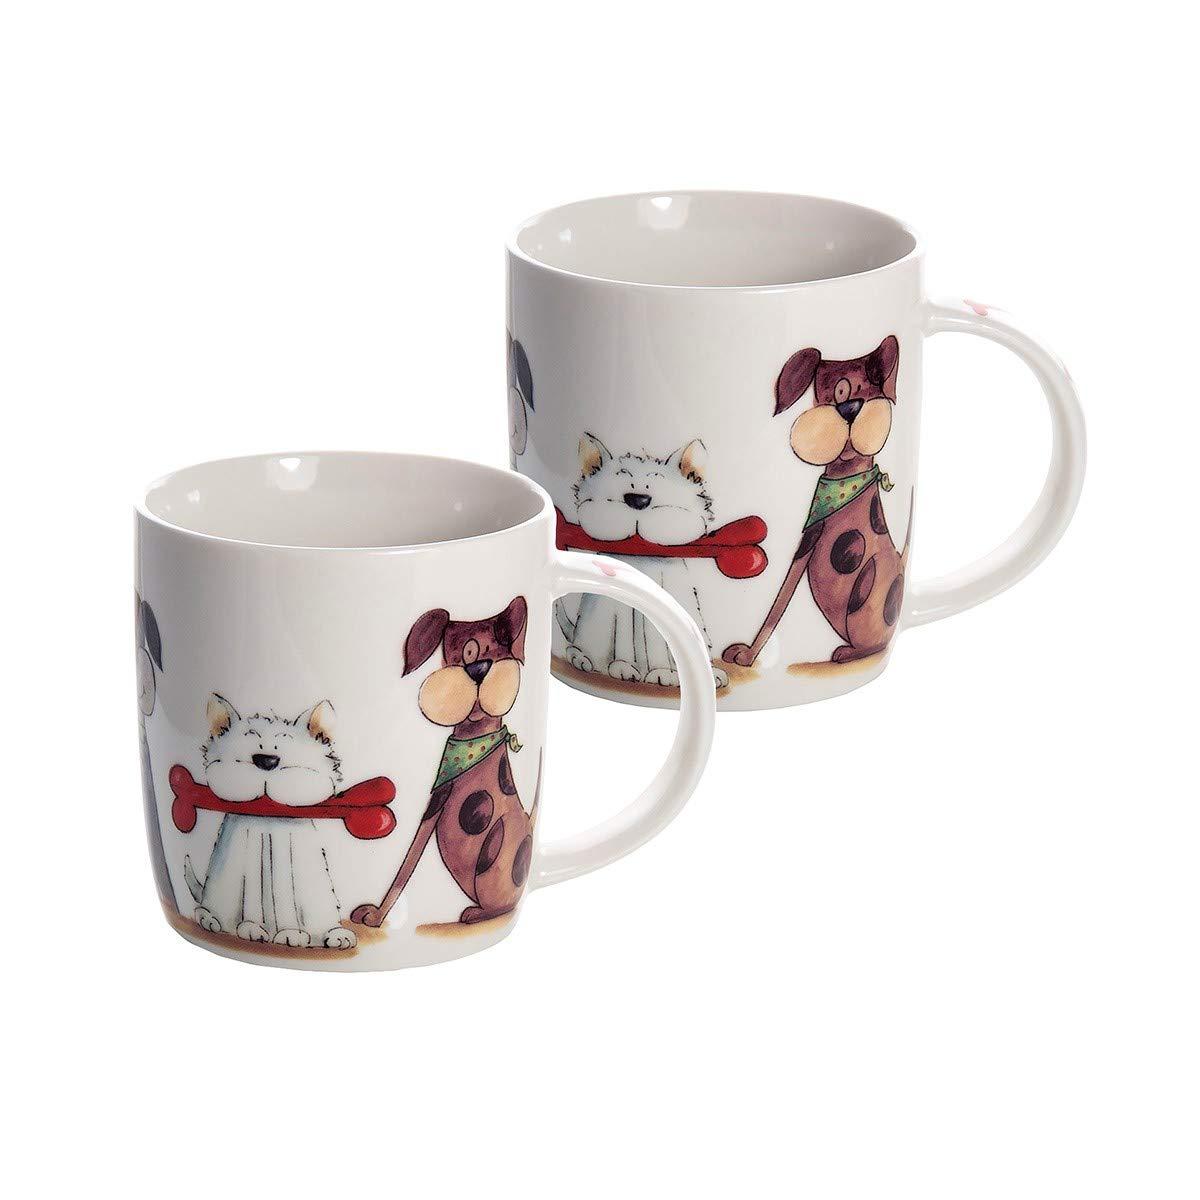 en Porcelaine de Haute qualit/é a Mignon Motif Originale des Chiens SPOTTED DOG GIFT COMPANY Lot de 2 Tasses Grandes Mugs Blanc a caf/é th/é Lait id/ée Cadeau id/éal Animaux